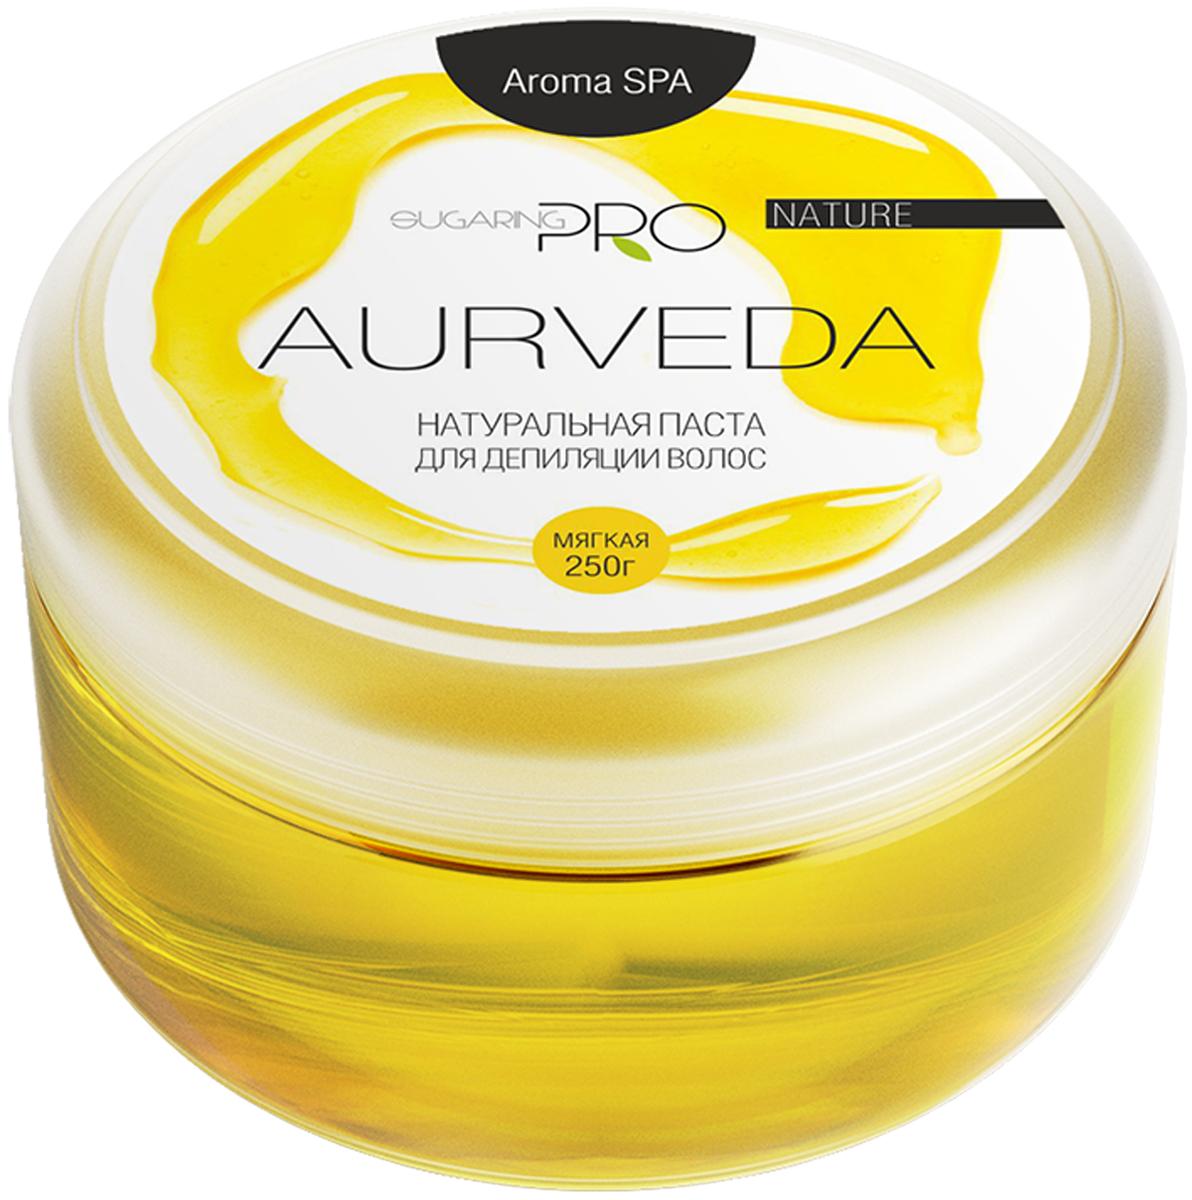 Сахарная паста SUGARING PRO Аюрведа мягкая, 250 гУТ000020165Универсальная паста мягкой плотности подходит для удаления всех типов волос на любом участке тела. Сохраняет живые клетки кожи, удаляя только омертвевшие чешуйки и волосы. Не вызывает аллергии и раздражения. Эффекта хватает на 3-4 недели. Постэпиляционный уход: Избегайте использования душистых увлажняющих кремов на обработанных участка, дезодорантов первые 24 часа после процедуры. Дезодорант можно заменить на тальк. Избегайте длительного пребывания на солнце или солярии. Желательно отказаться от посещения сауны и бассейна первые 24 час. Примечание: Продукт хранить в прохладном и сухом месте. Только для наружного применения. Гарантия качества: Товар сертифицирован. Прошел дерматологический контроль.